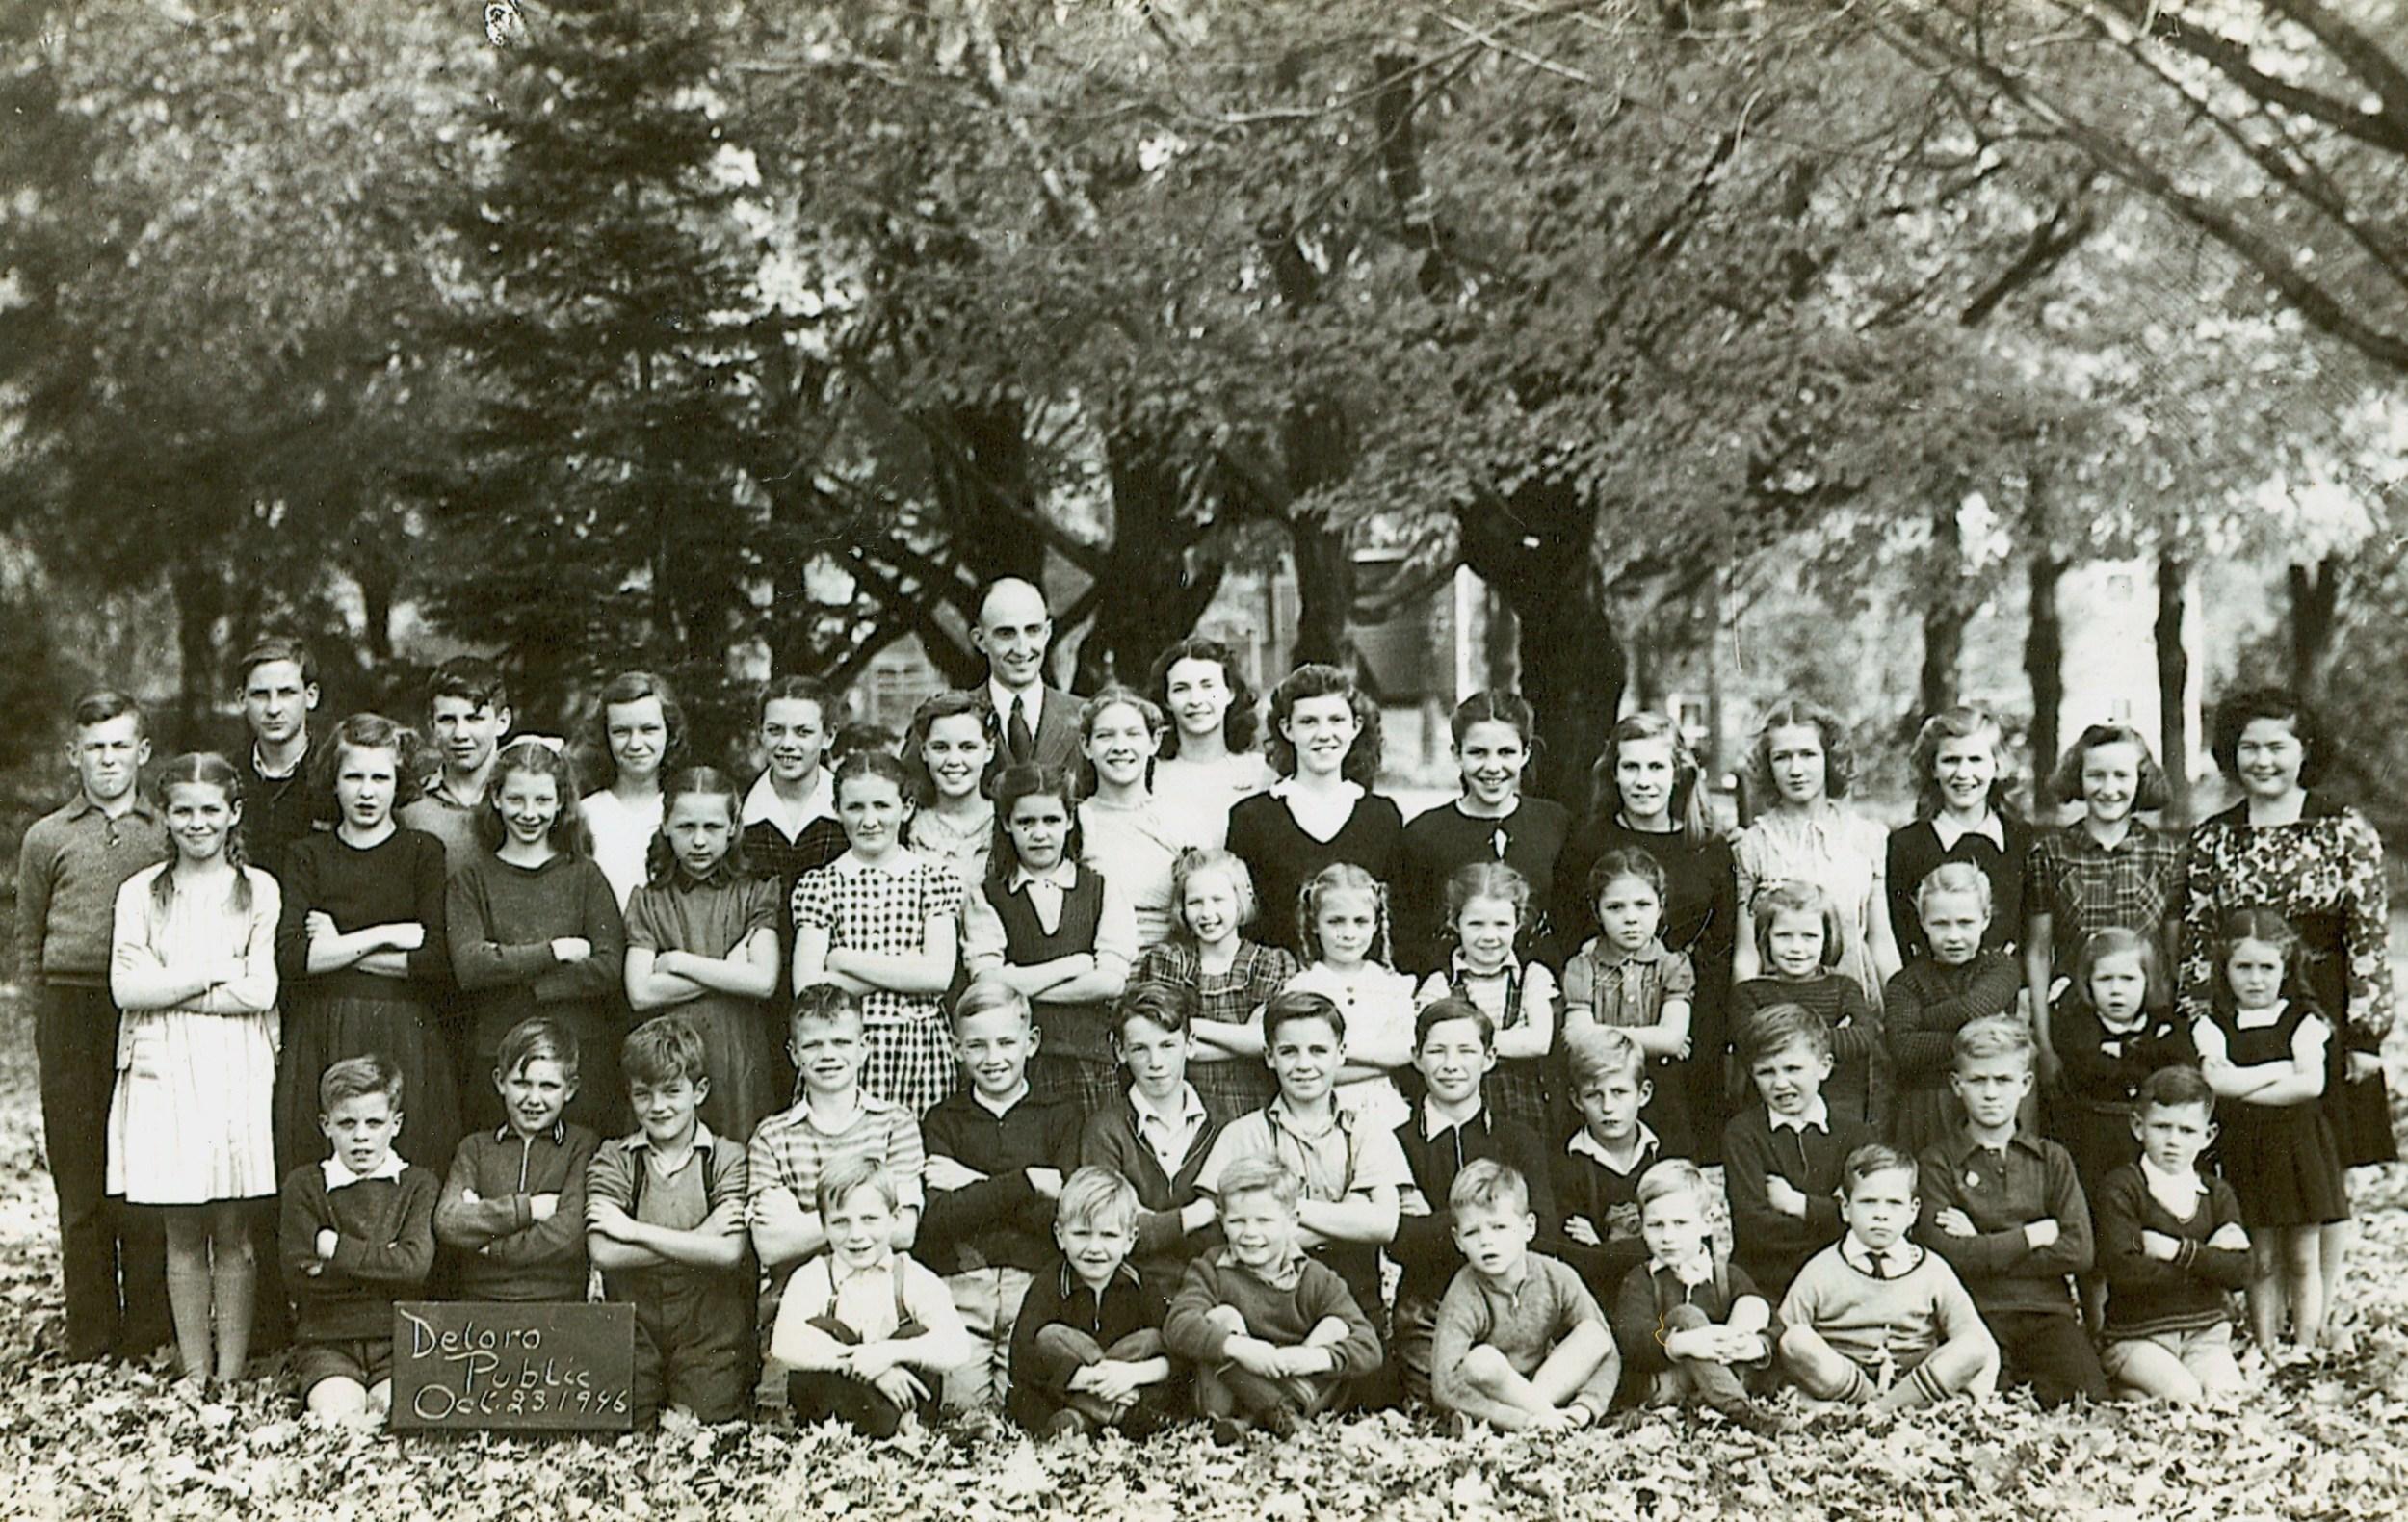 Deloro Public School 1946